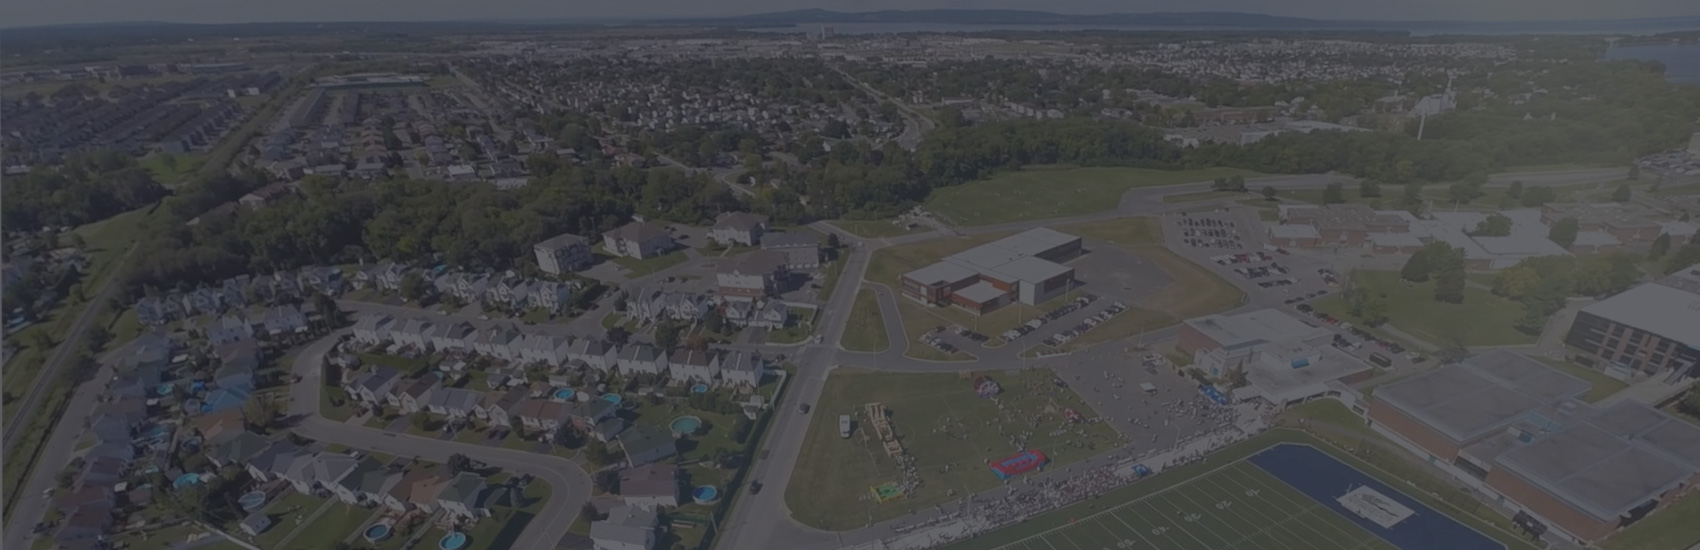 Avis de vols de drones à Vaudreuil-Dorion